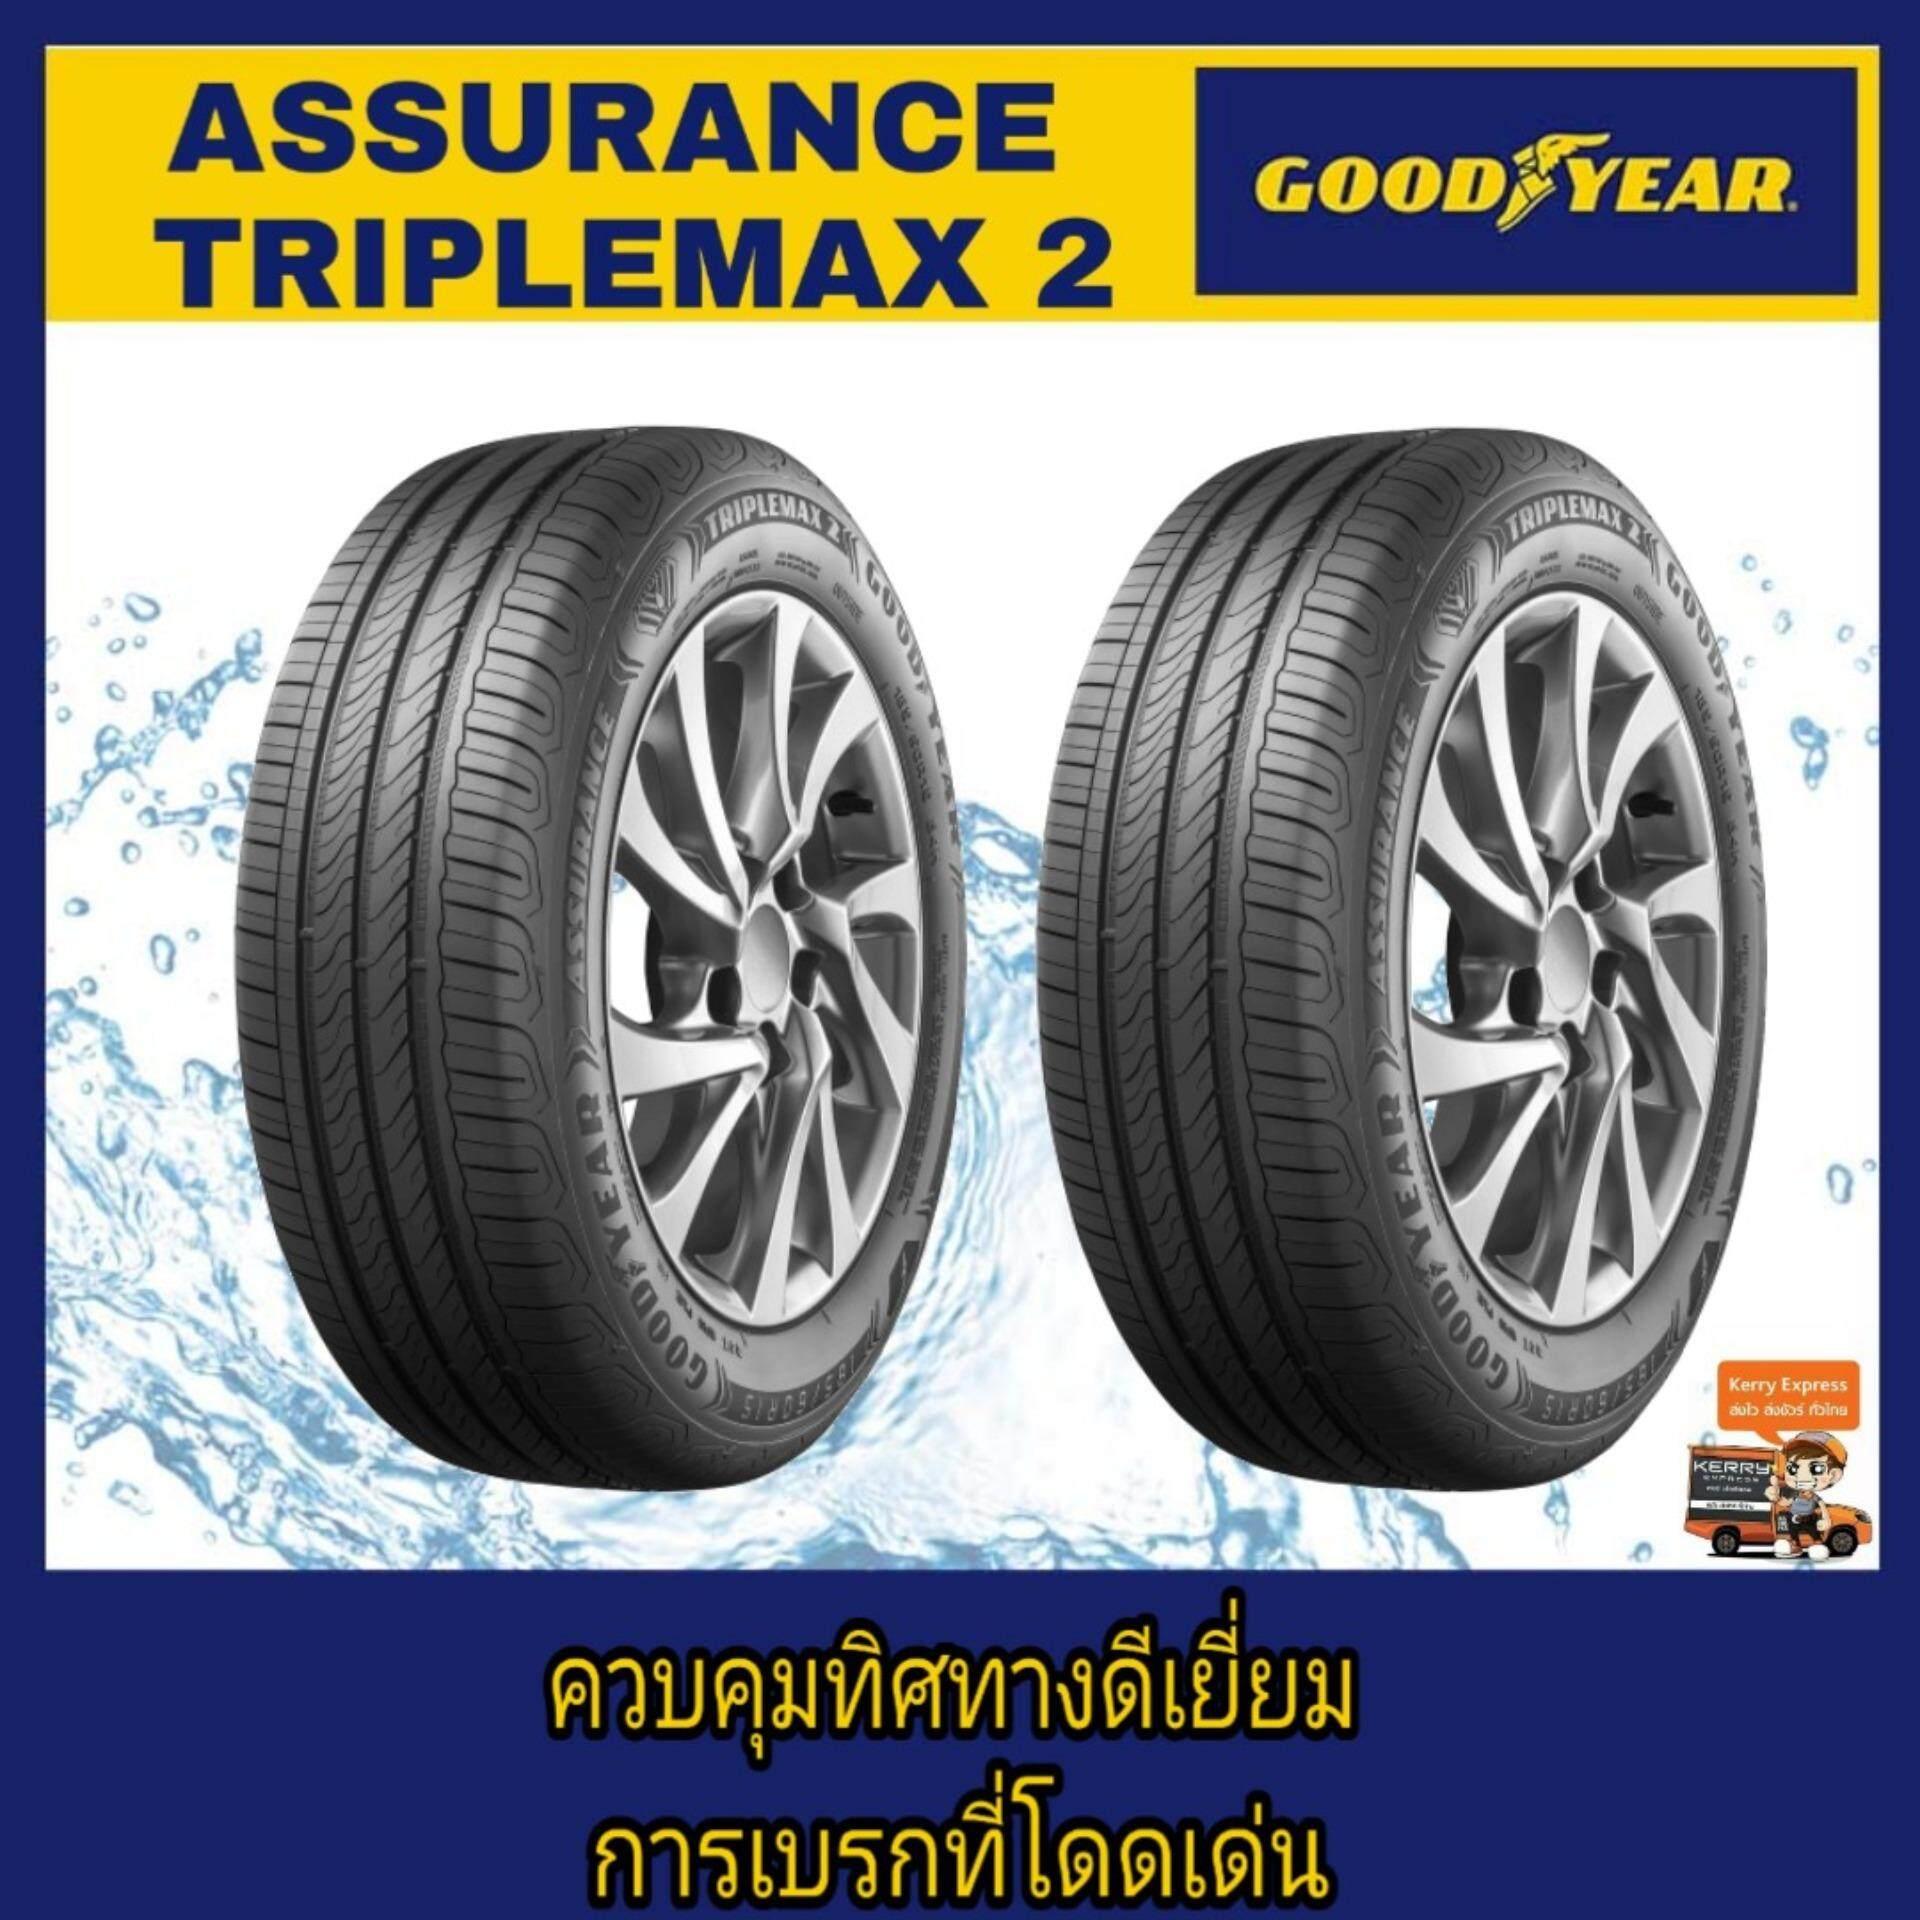 ประกันภัย รถยนต์ 3 พลัส ราคา ถูก สตูล Goodyear ยางรถยนต์ขอบ16  225/55R16 รุ่น Assurance TripleMax2 (2 เส้น)